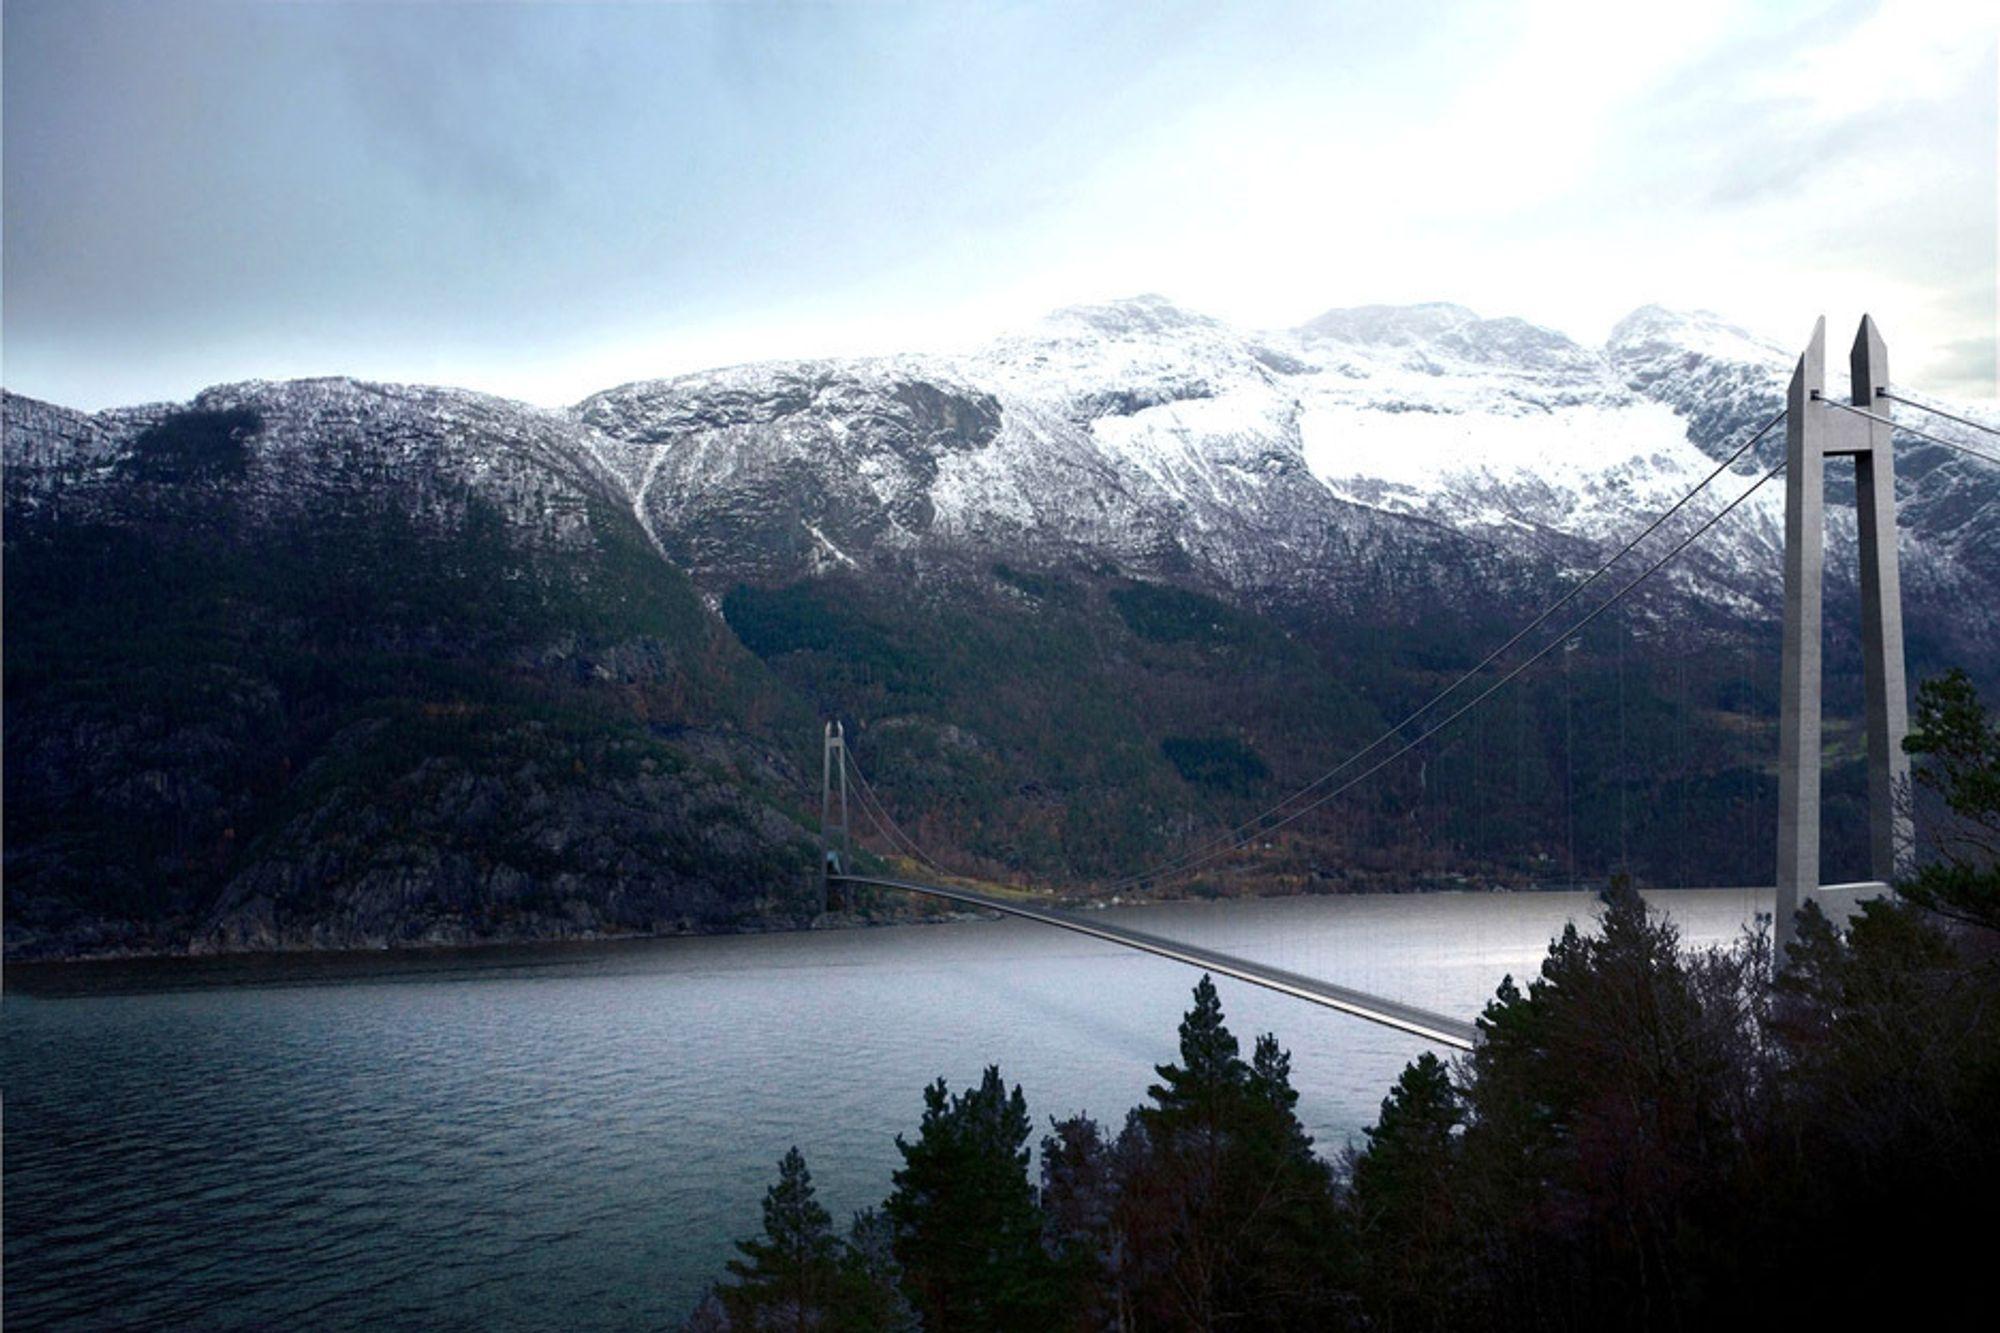 HARDANGERBRUA: Slik blir forbindelsen mellom Bruravik og Brimnes når Hardangerbrua åpner i 2013.